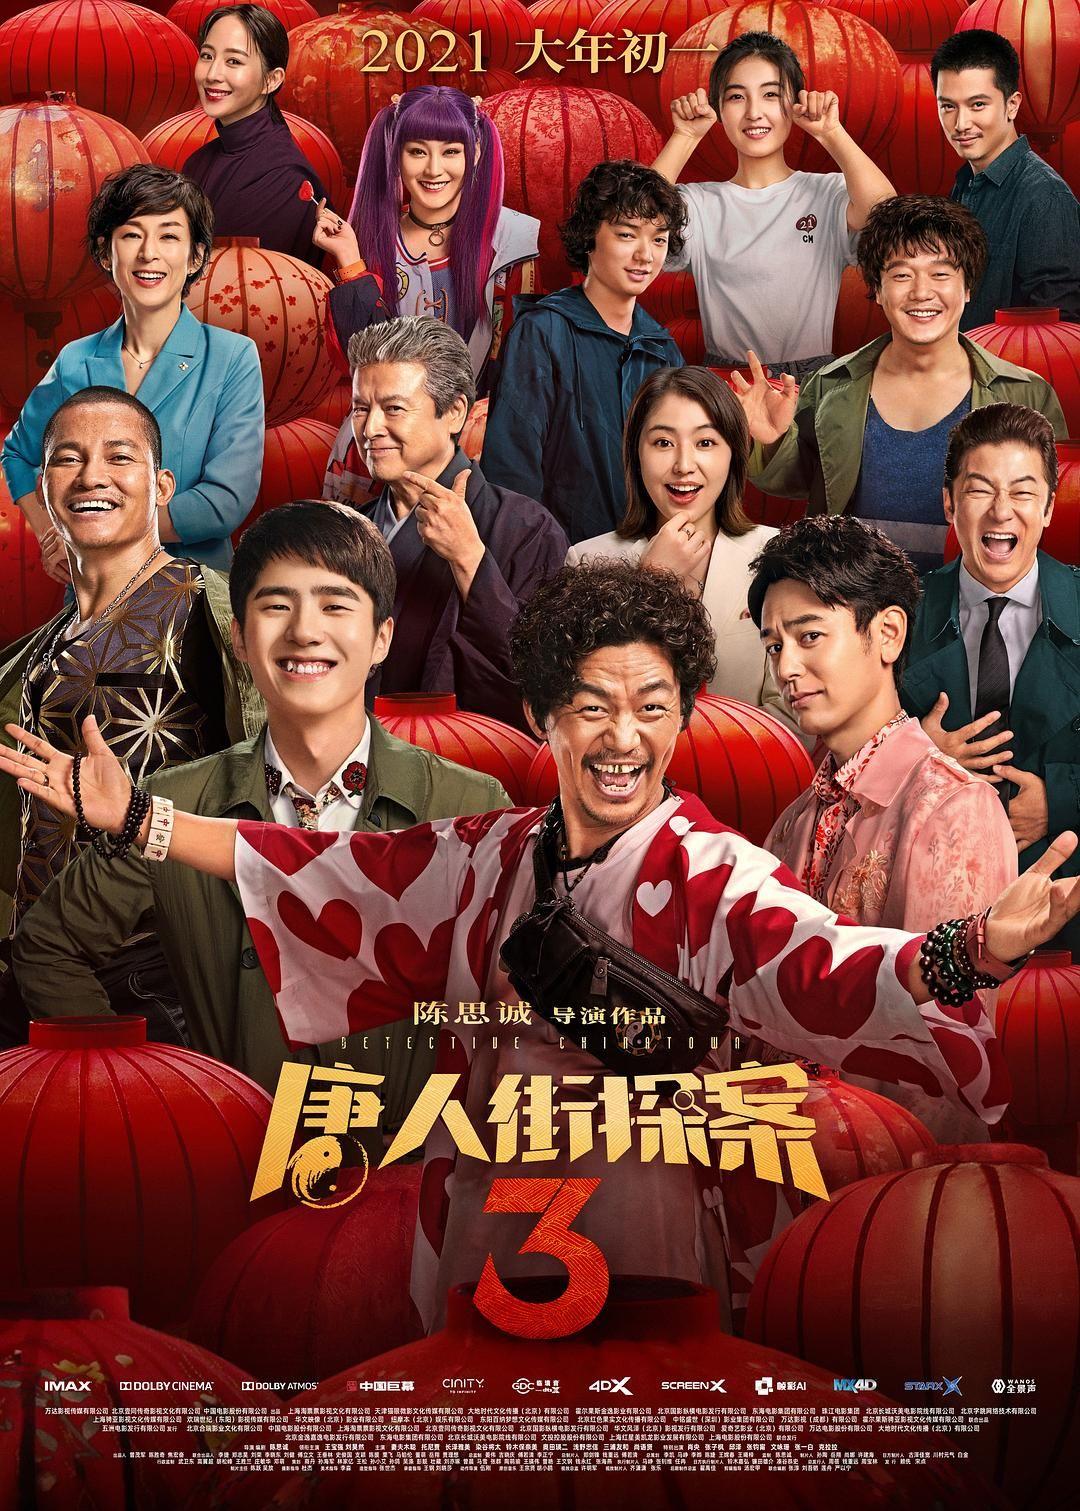 2021国产喜剧《唐人街探案3》高清1080P